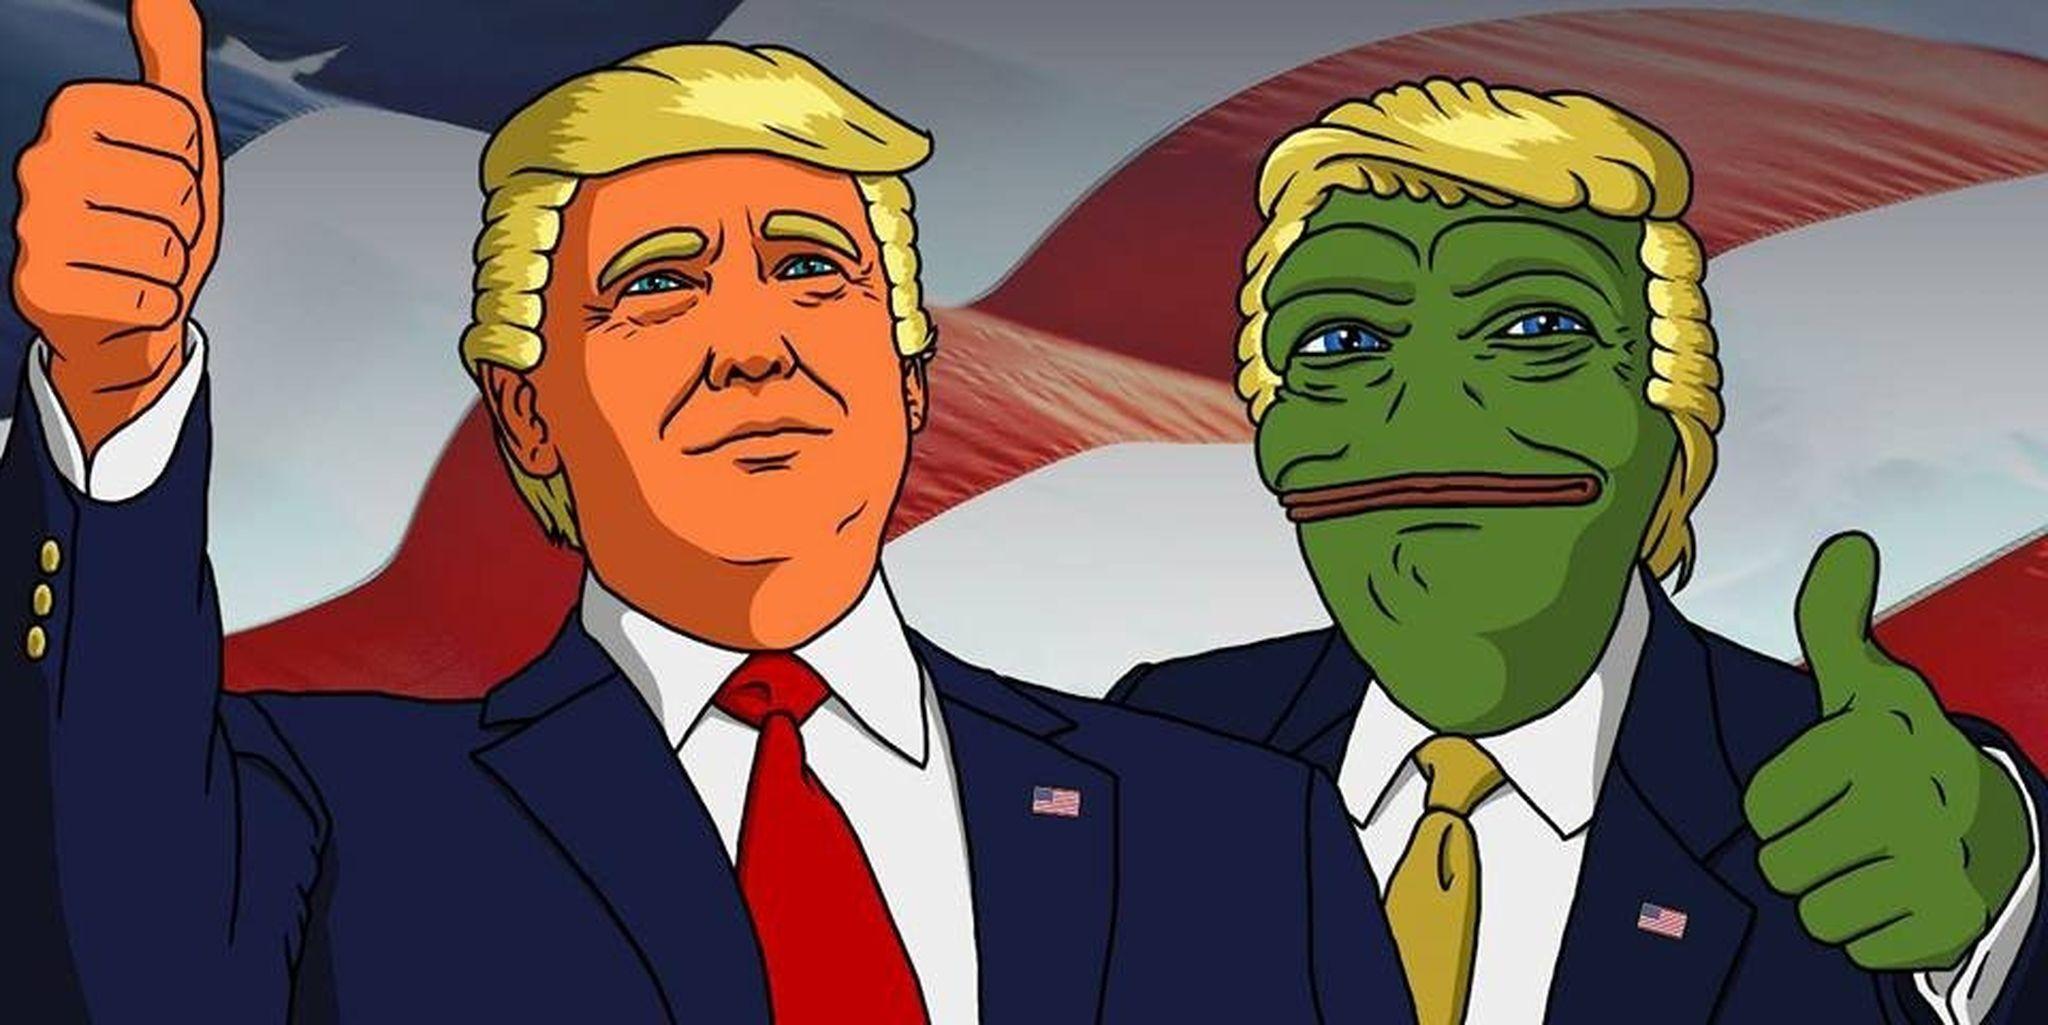 Sememeotica, parte settima: Pepe the Frog è morto, viva Pepe!